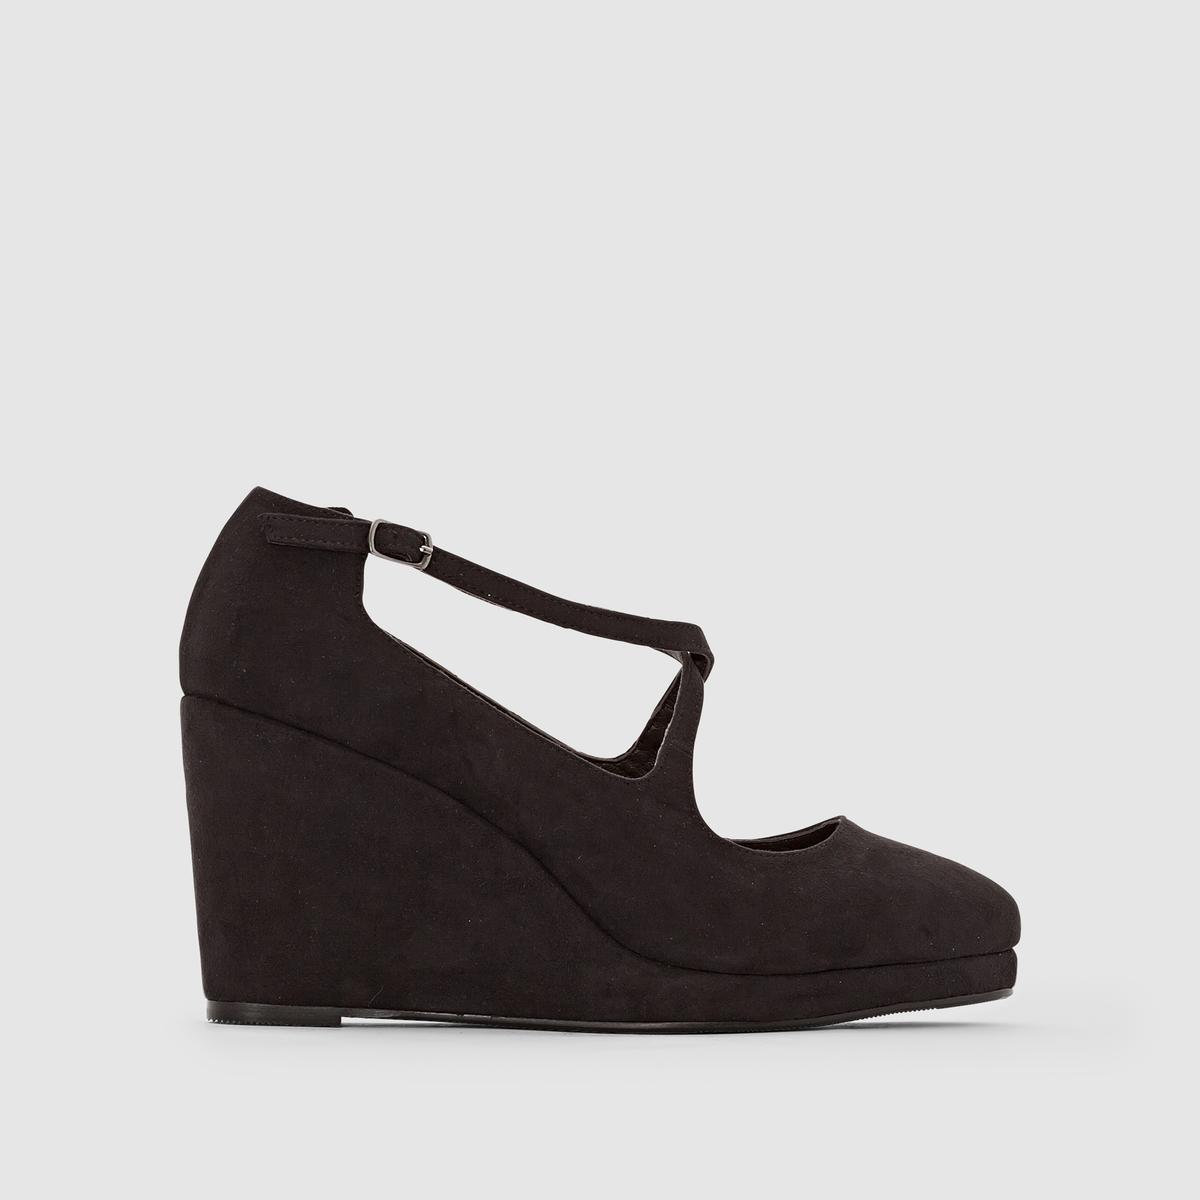 Туфли на каблуке-танкеткеЗастежка : на ремешок с металлической пряжкой и эластичной вставкой для большего комфорта.Преимущества : туфли придадут стиля вашему гардеробу.<br><br>Цвет: черный